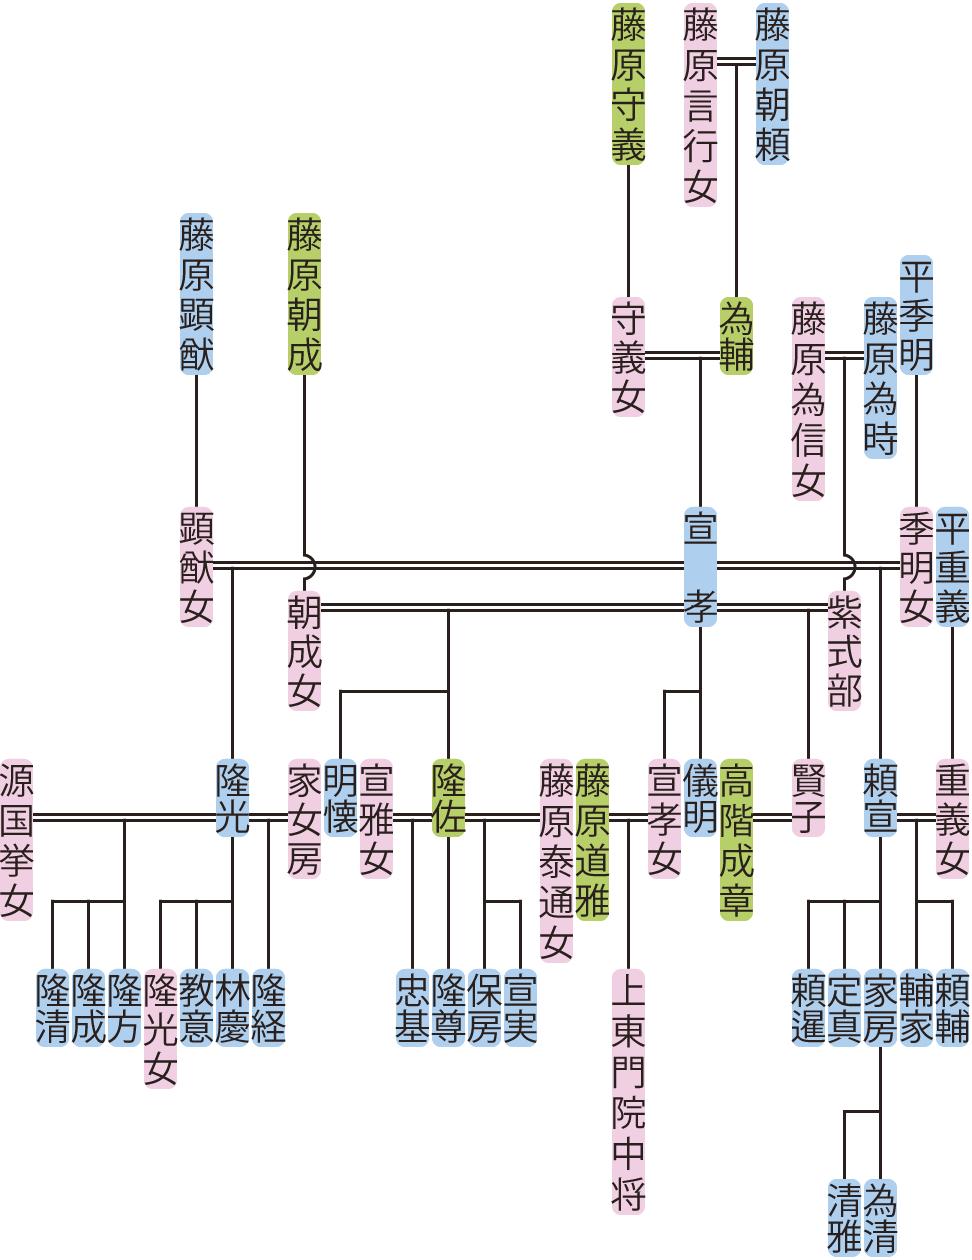 藤原宣孝の系図